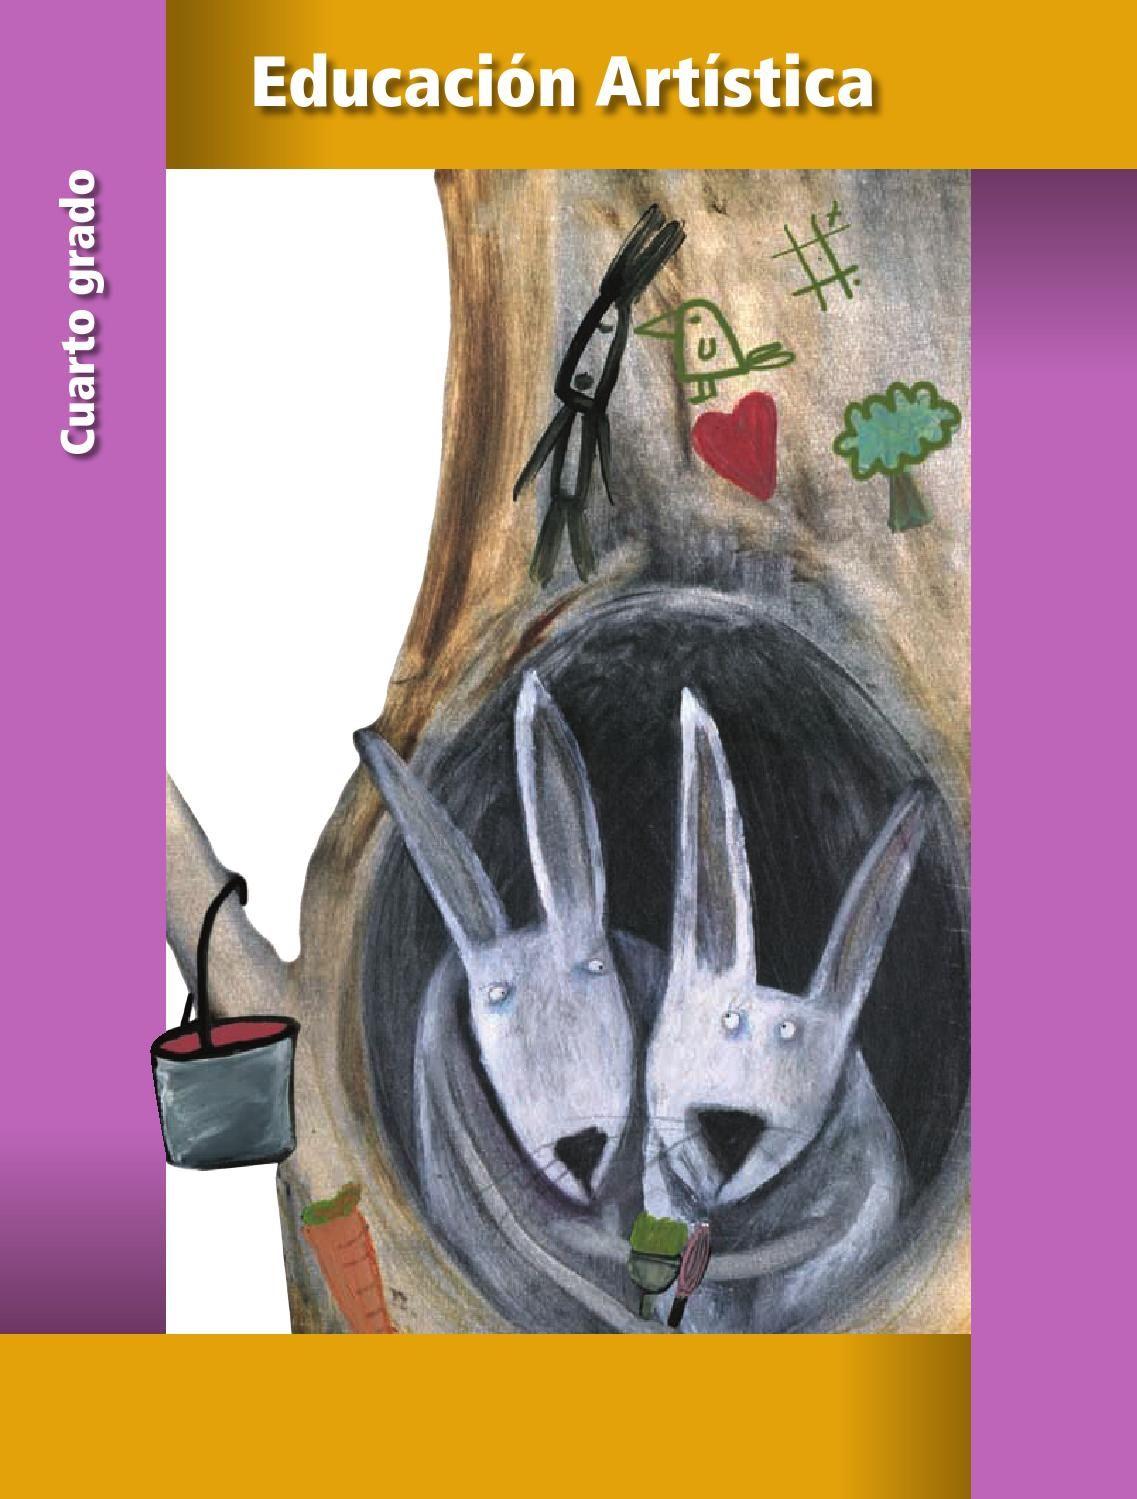 Educación Artística 4 | Libro de texto, Educación artística y ...